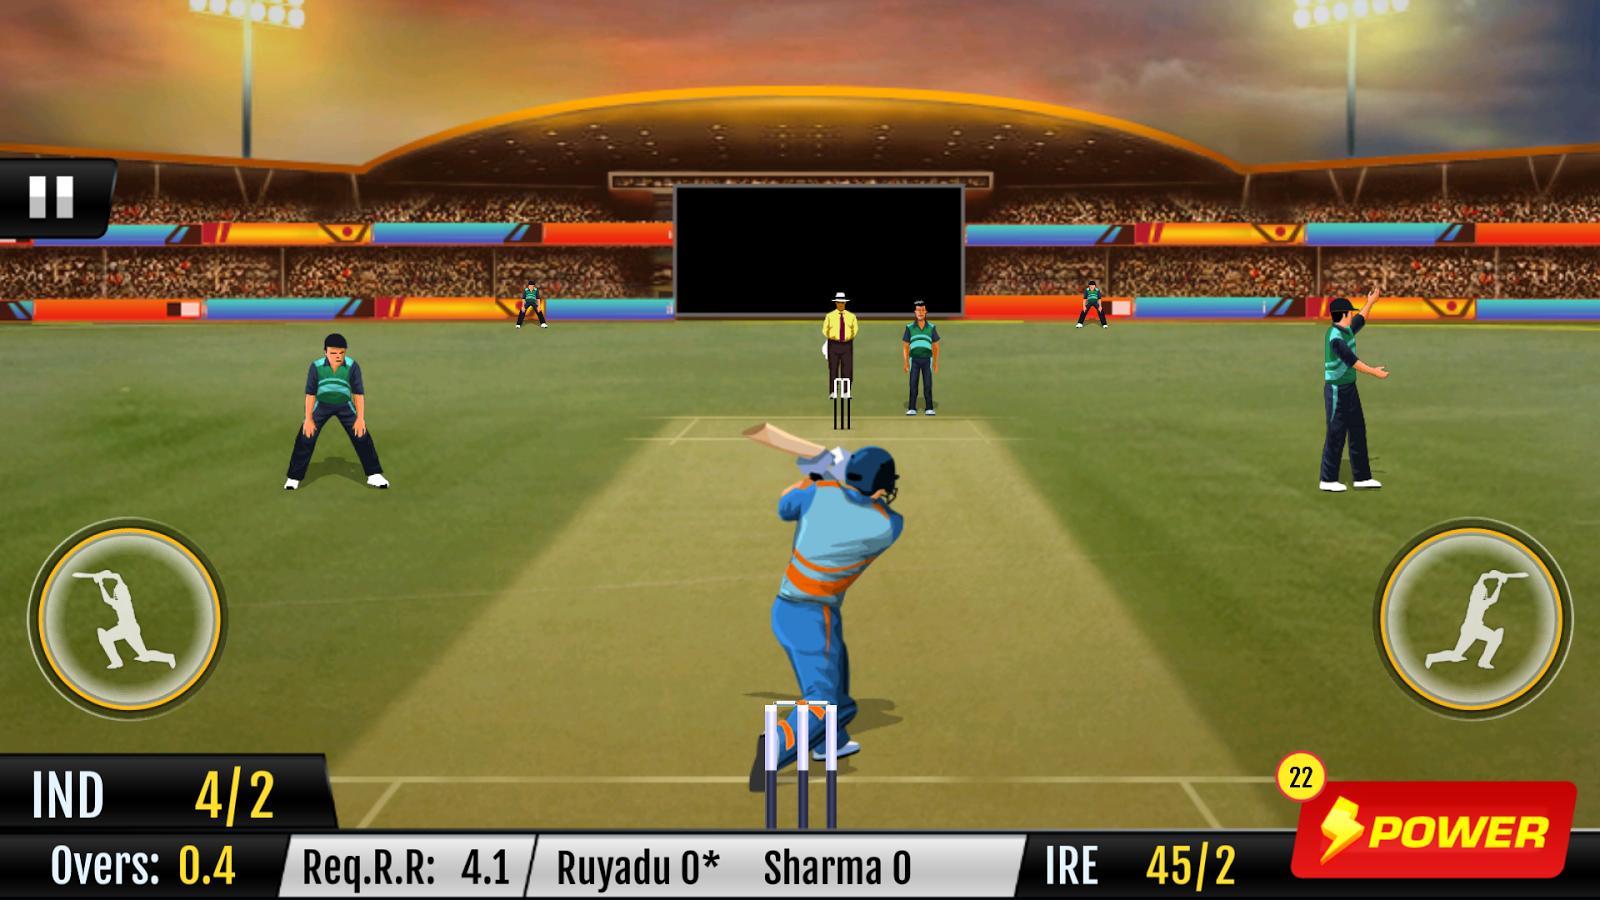 play online best cricket games world